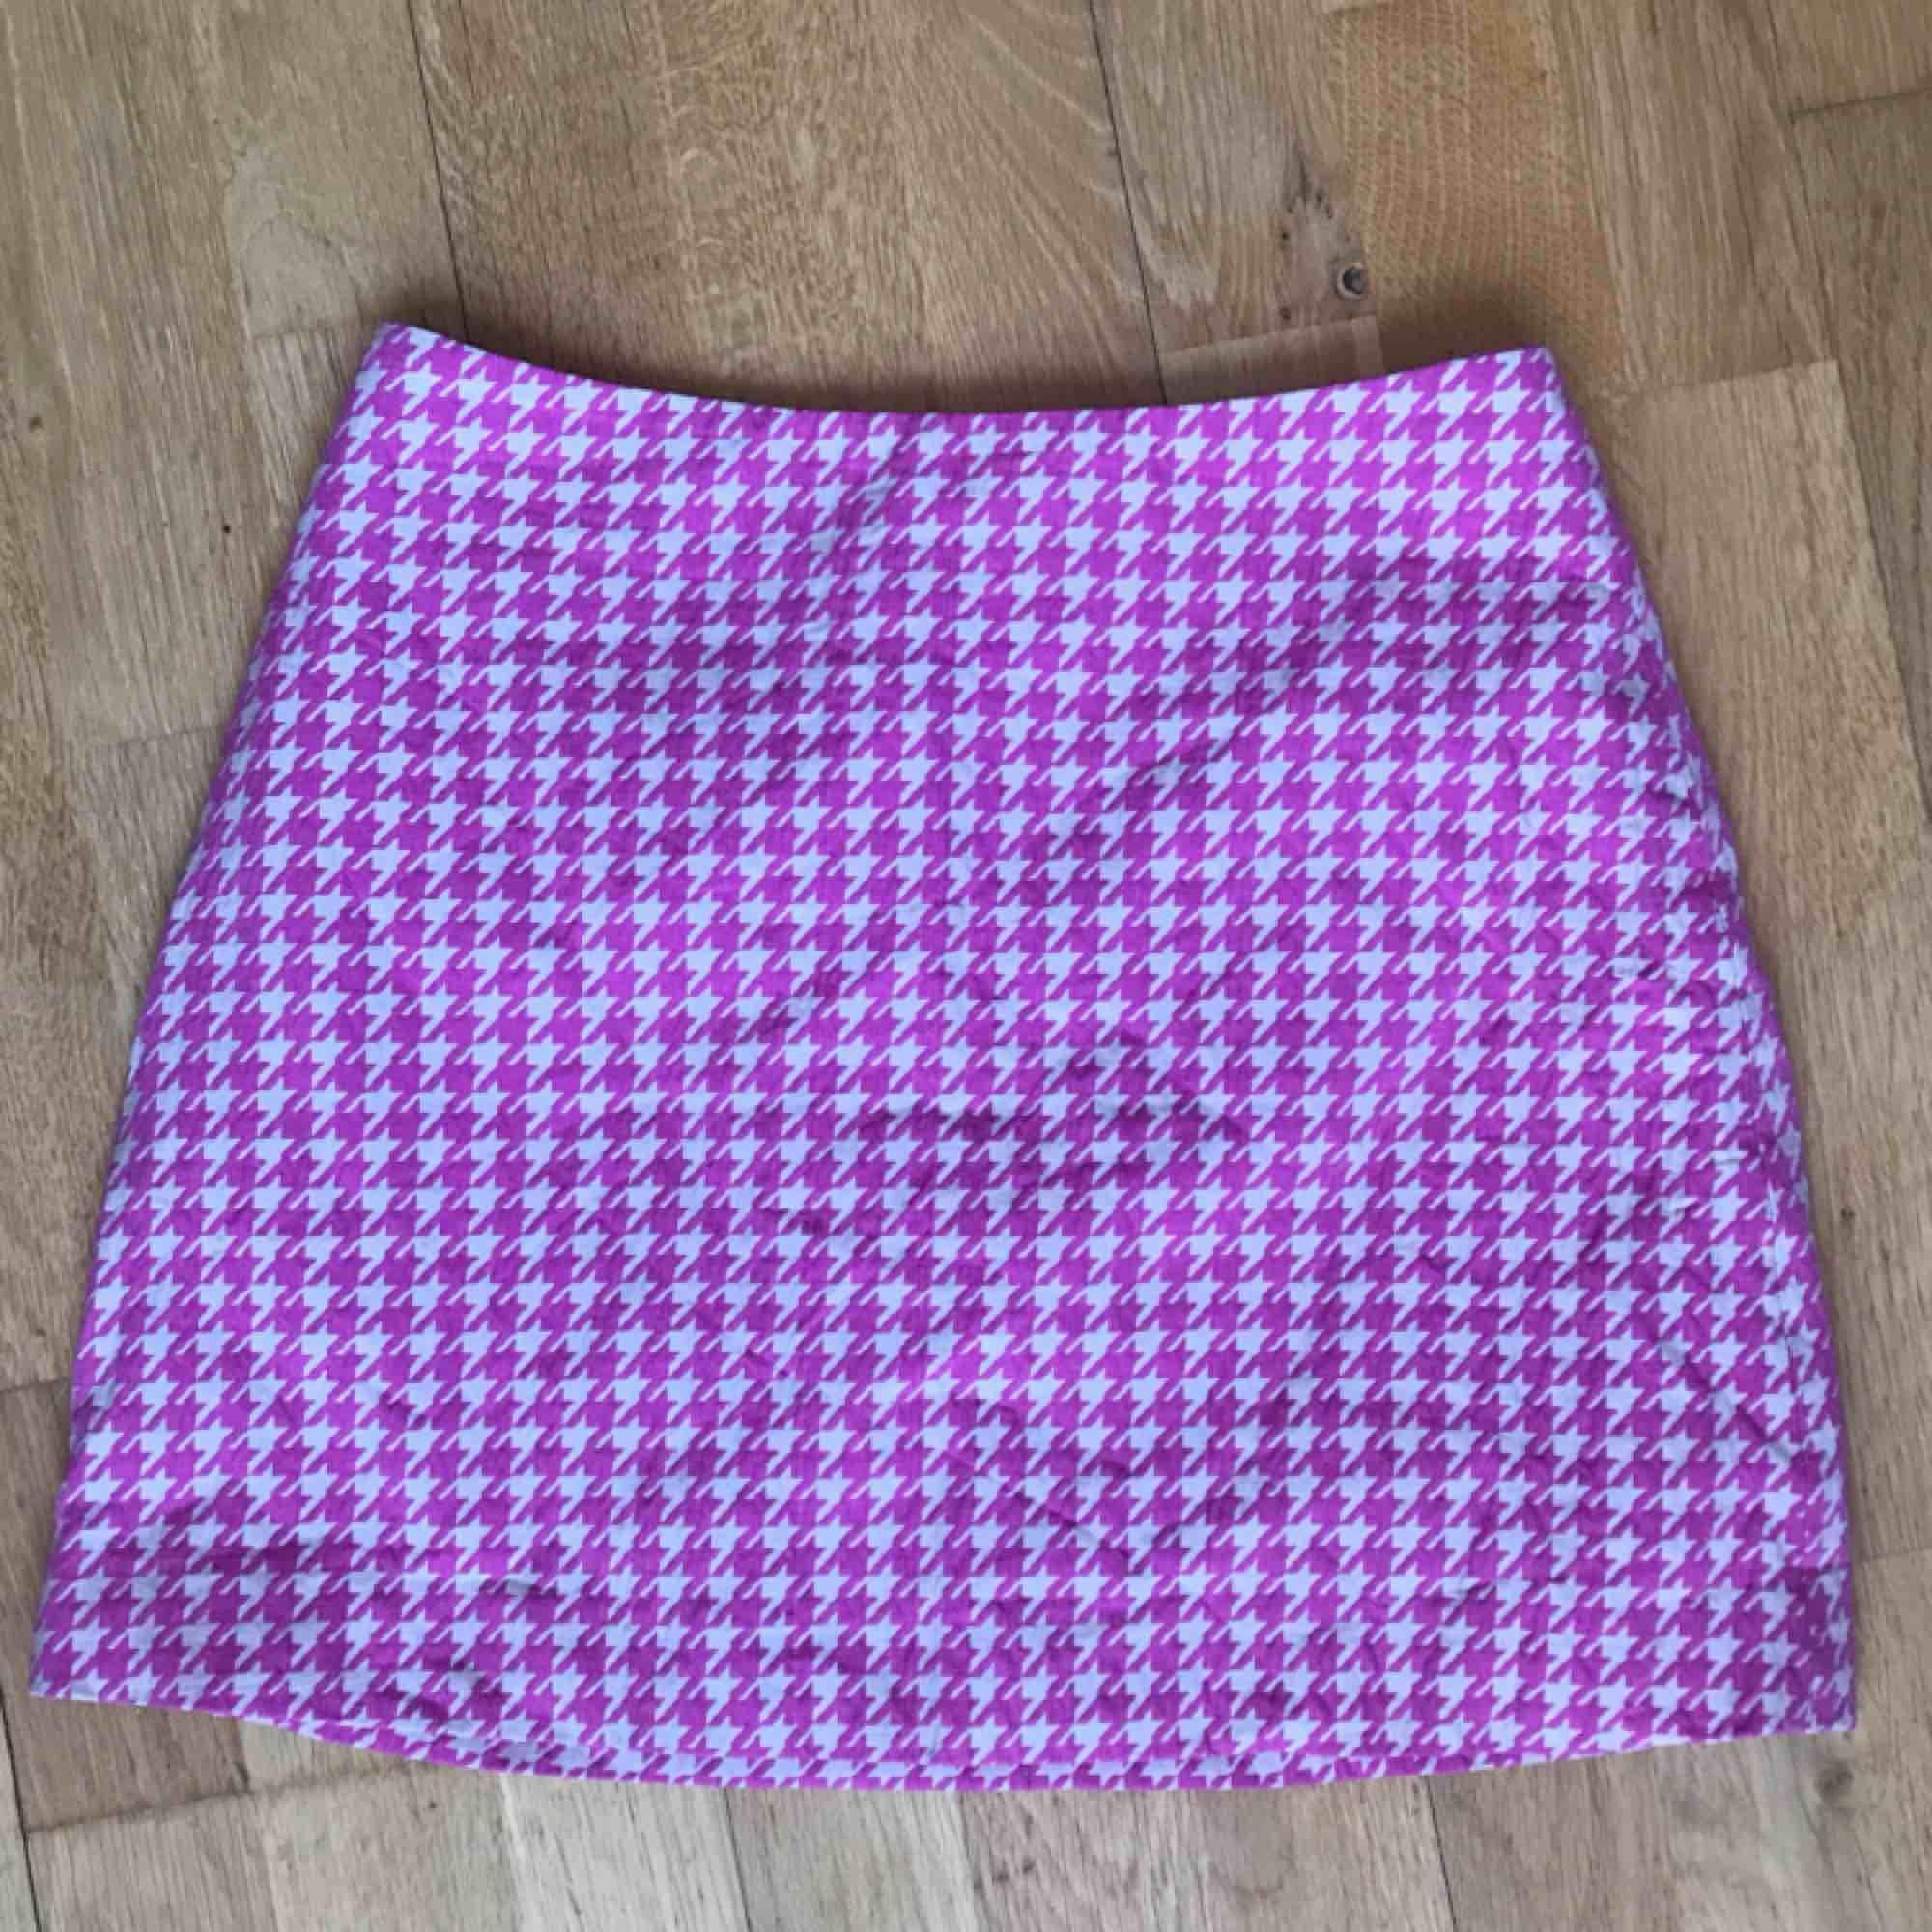 Supersöt Clueless kjol från Monki! Strlk 38. 200:- plus frakt. Använd endast ett fåtal ggr tyvärr så den förtjänar en bättre ägare! Skickas via post el möts upp i Sthlm. DMa för köp 💗🎀💗. Kjolar.